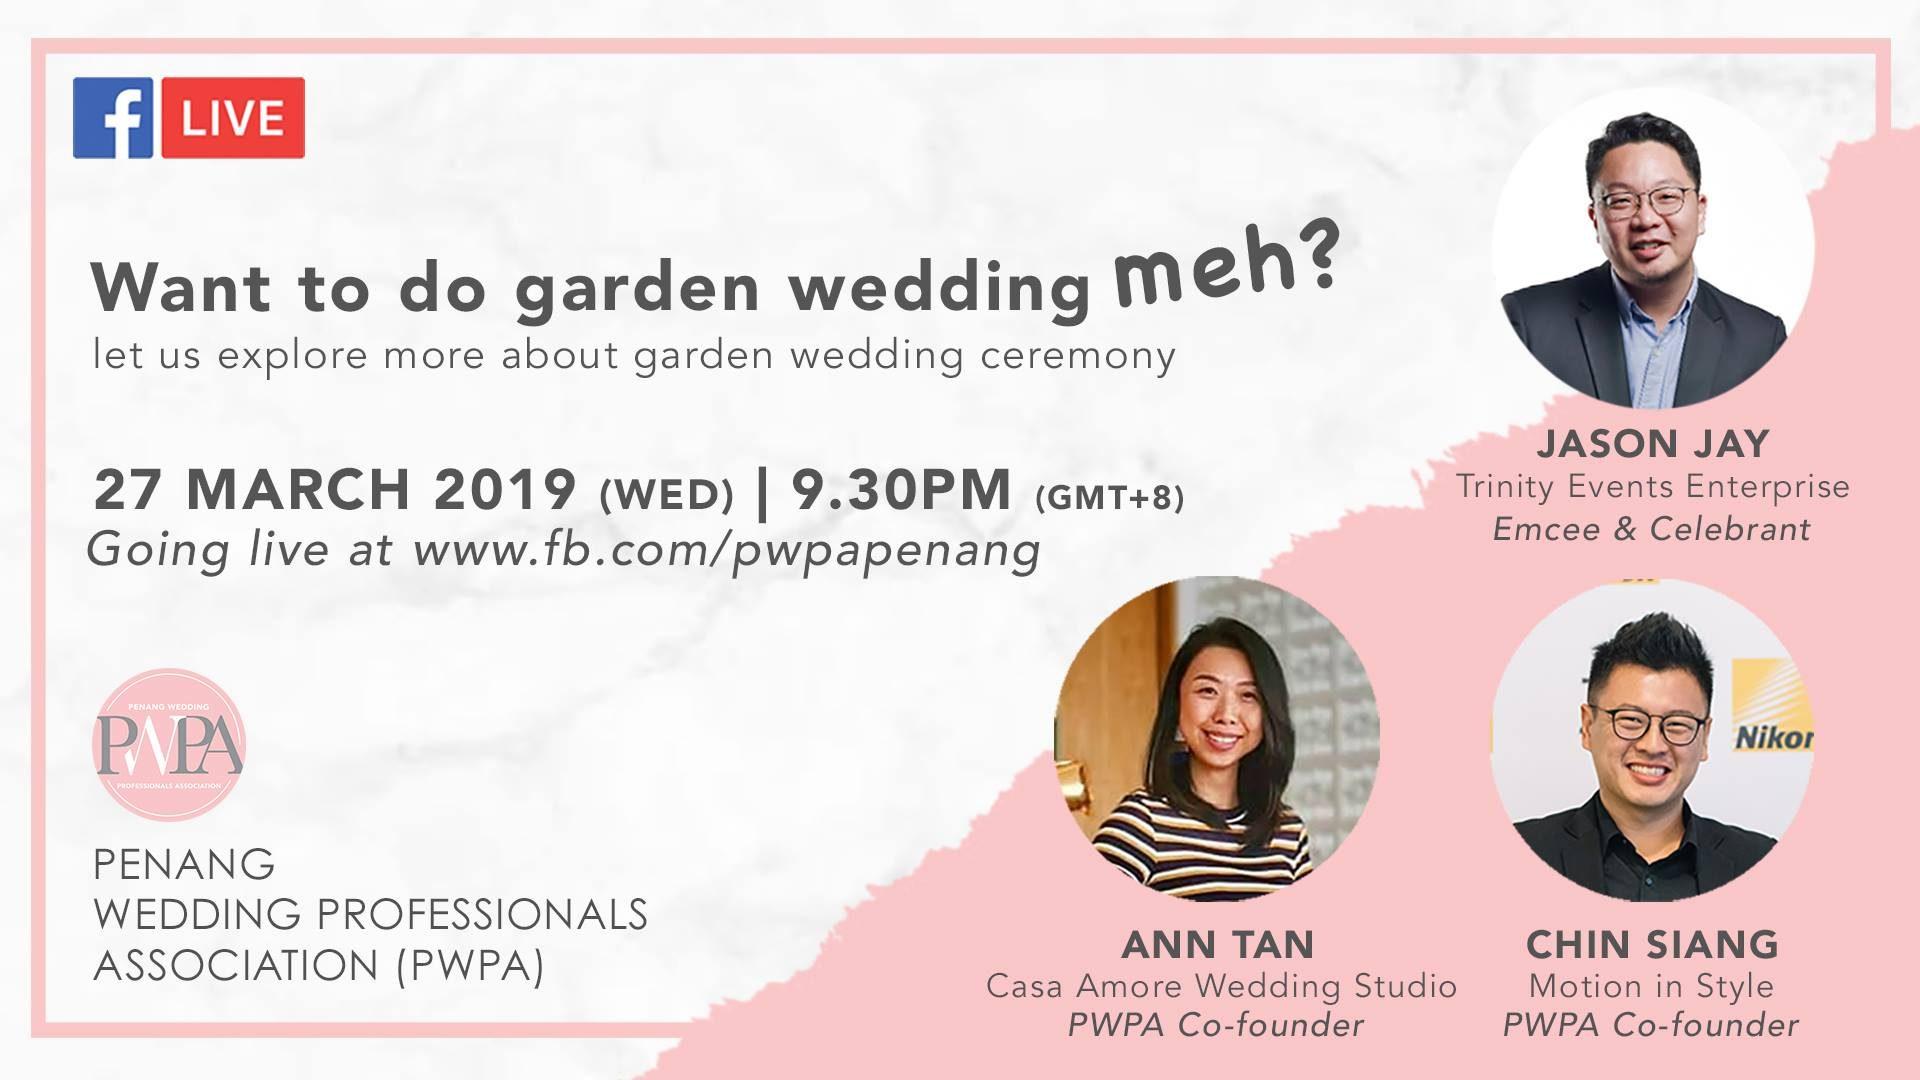 Want to do garden wedding meh?